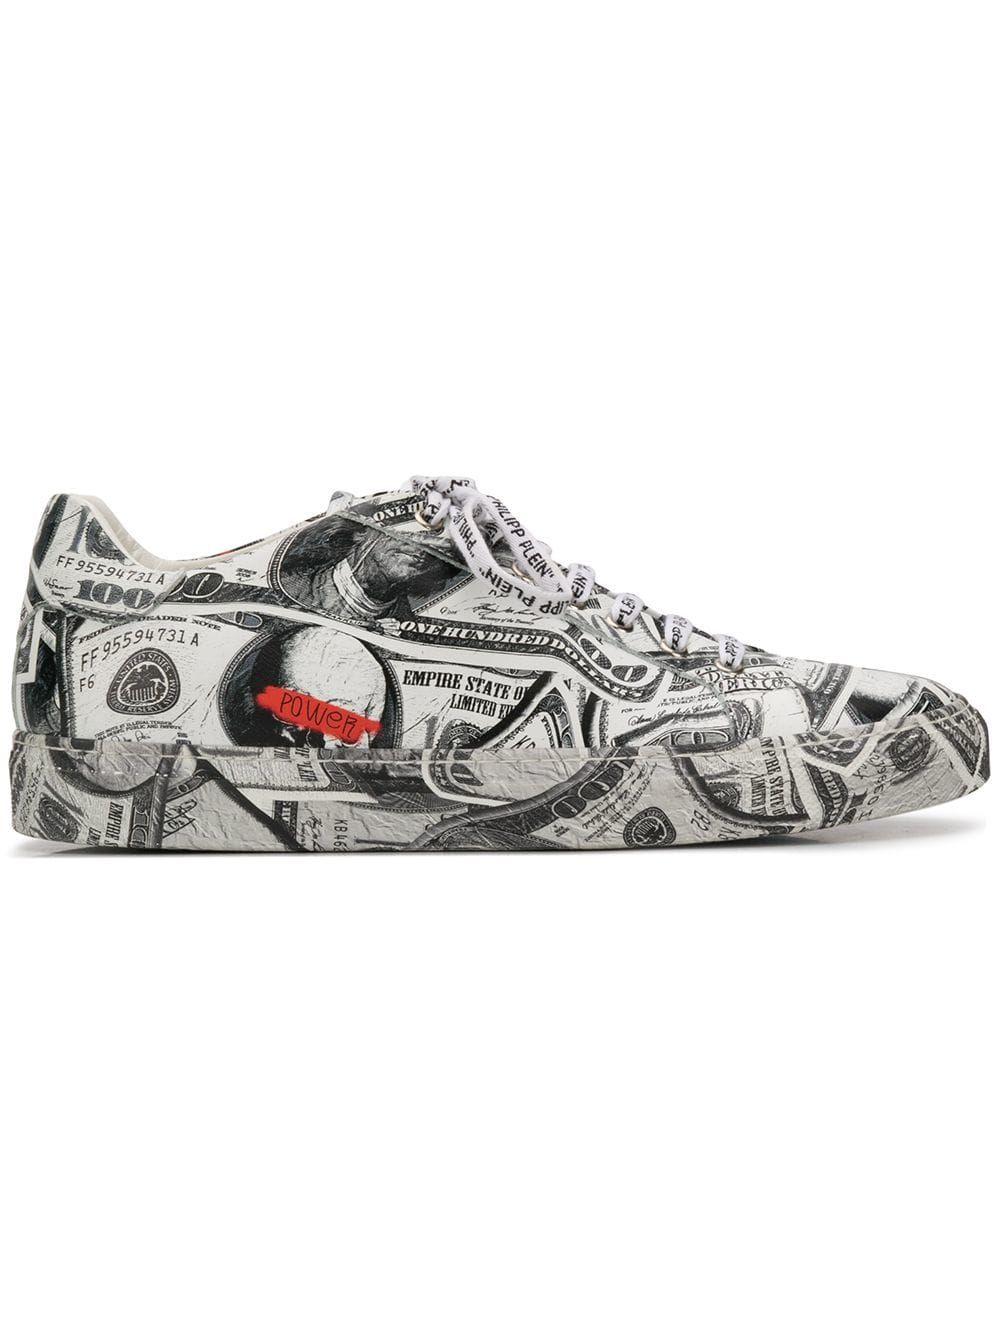 56fda1b2337e3 PHILIPP PLEIN PHILIPP PLEIN DOLLAR LOW-TOP SNEAKERS - WHITE.  philippplein   shoes